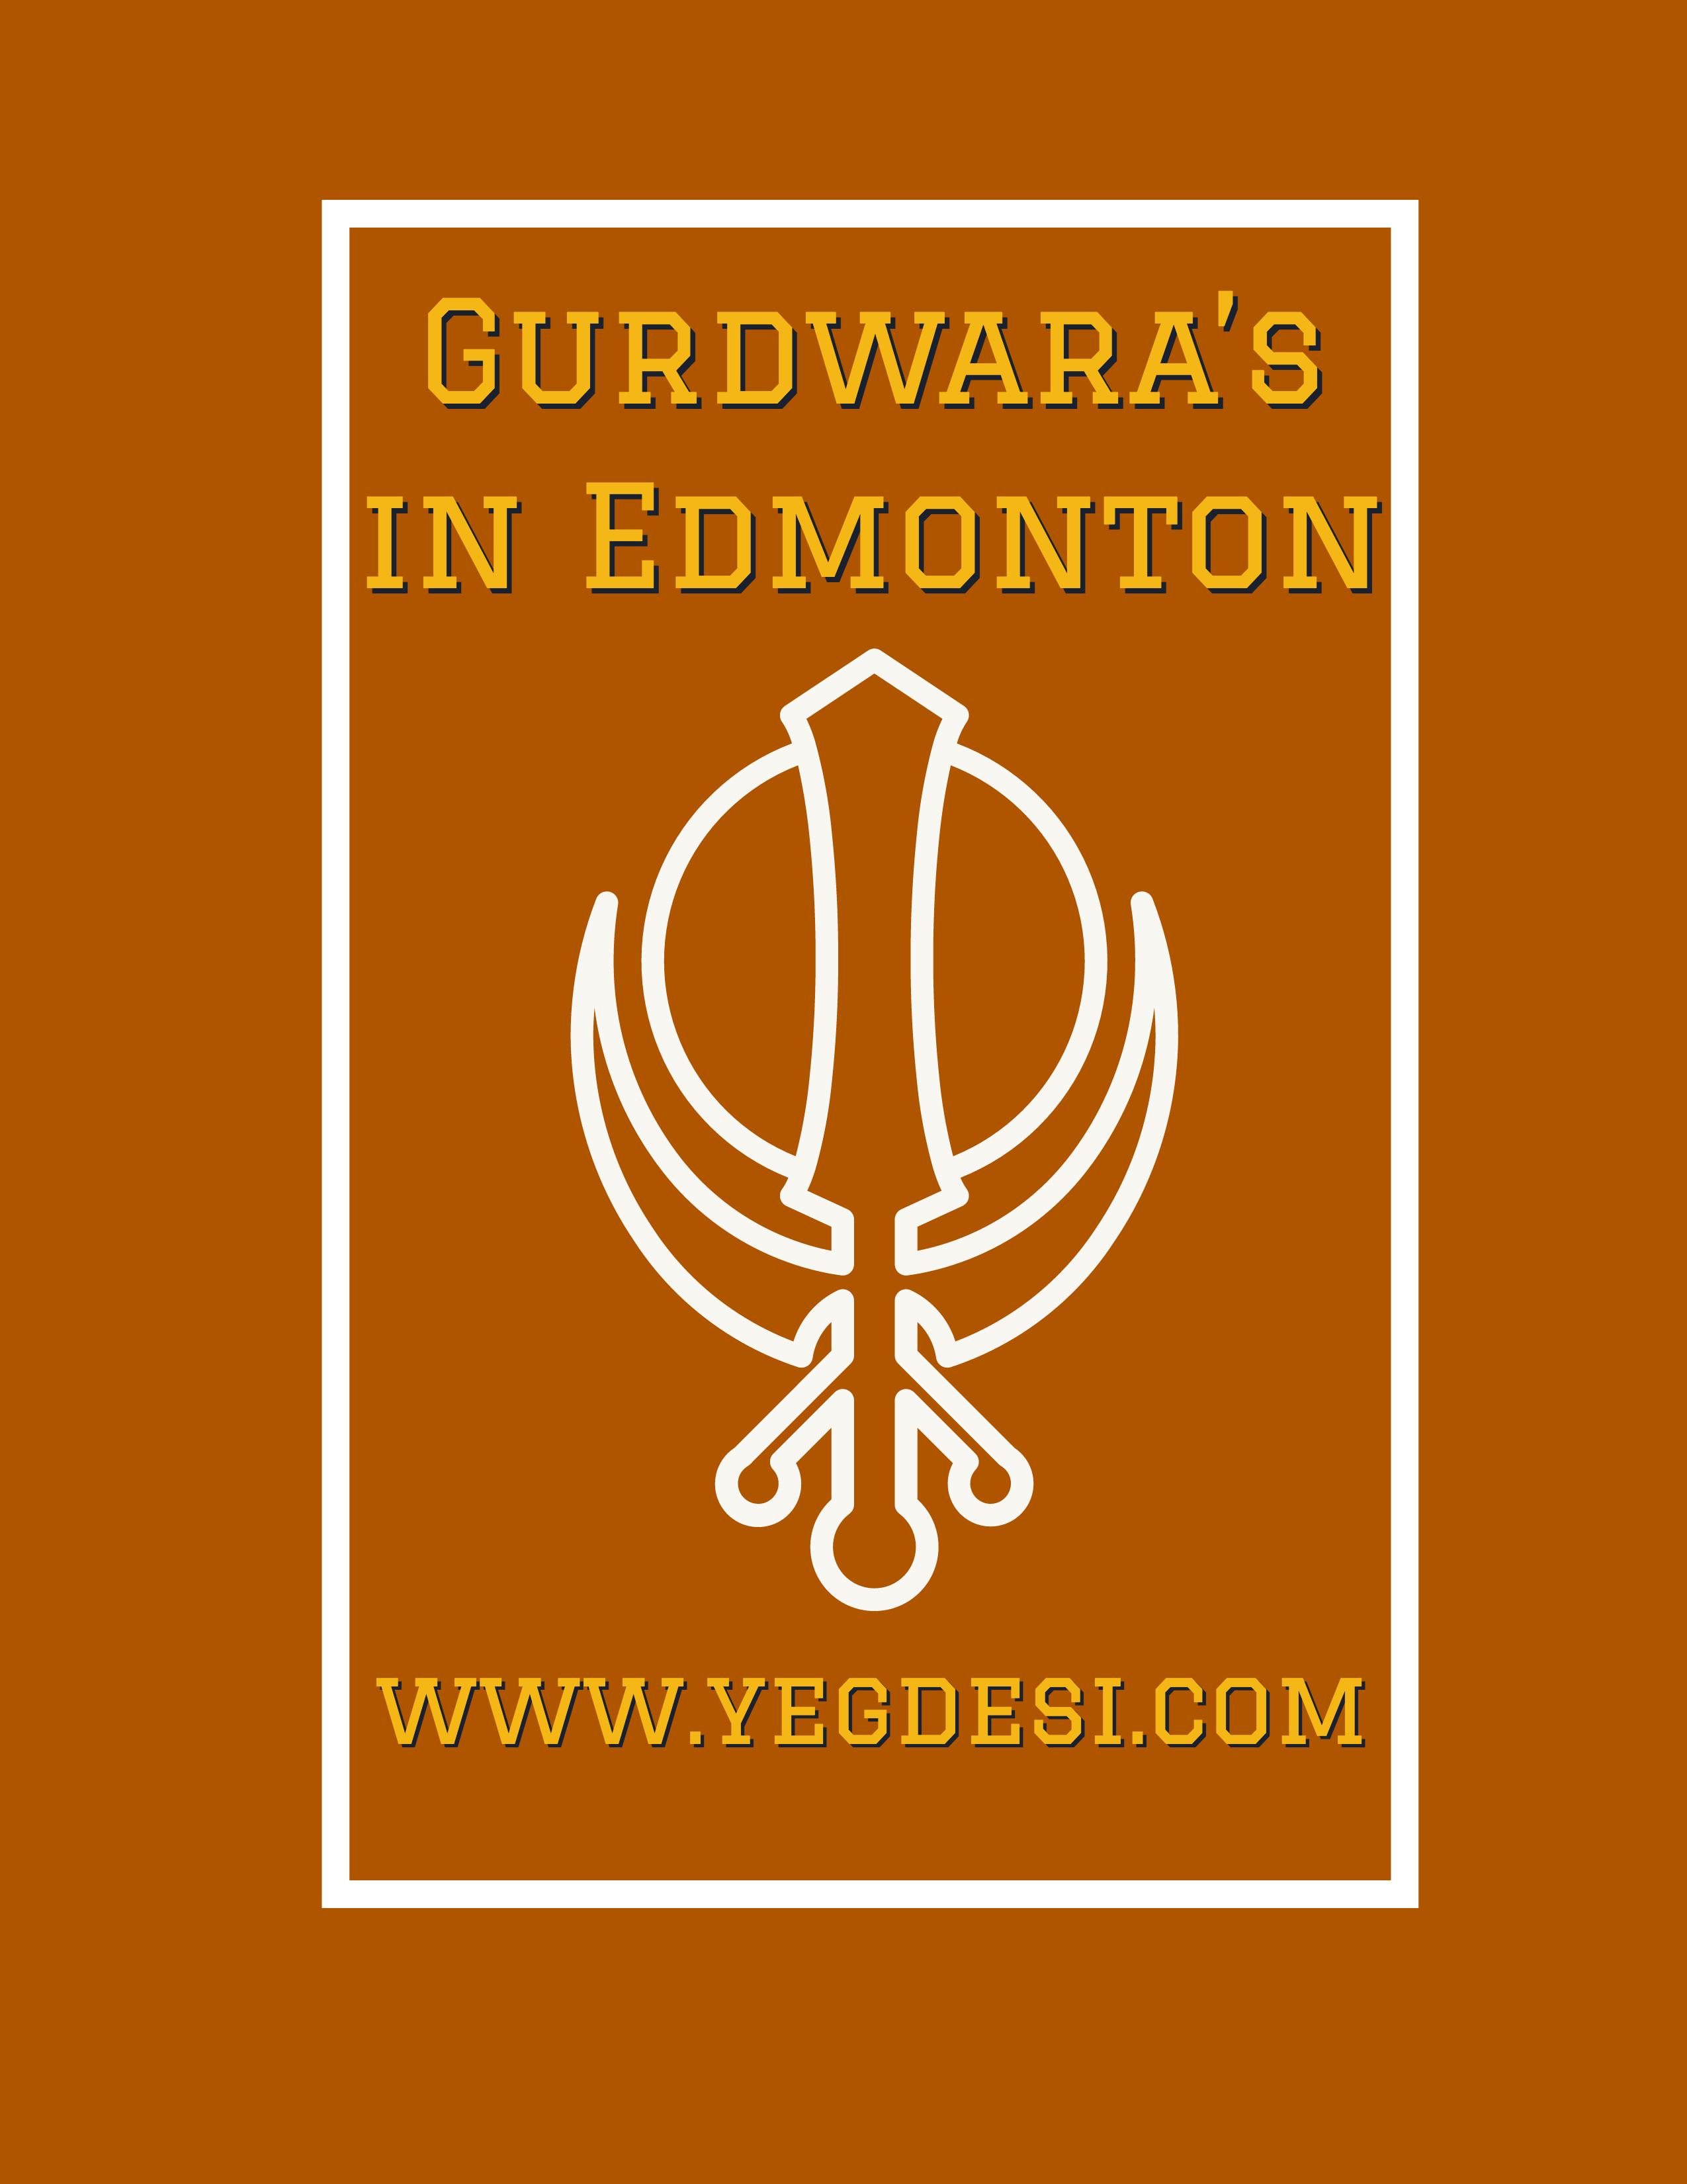 Gurdwara in Edmonton